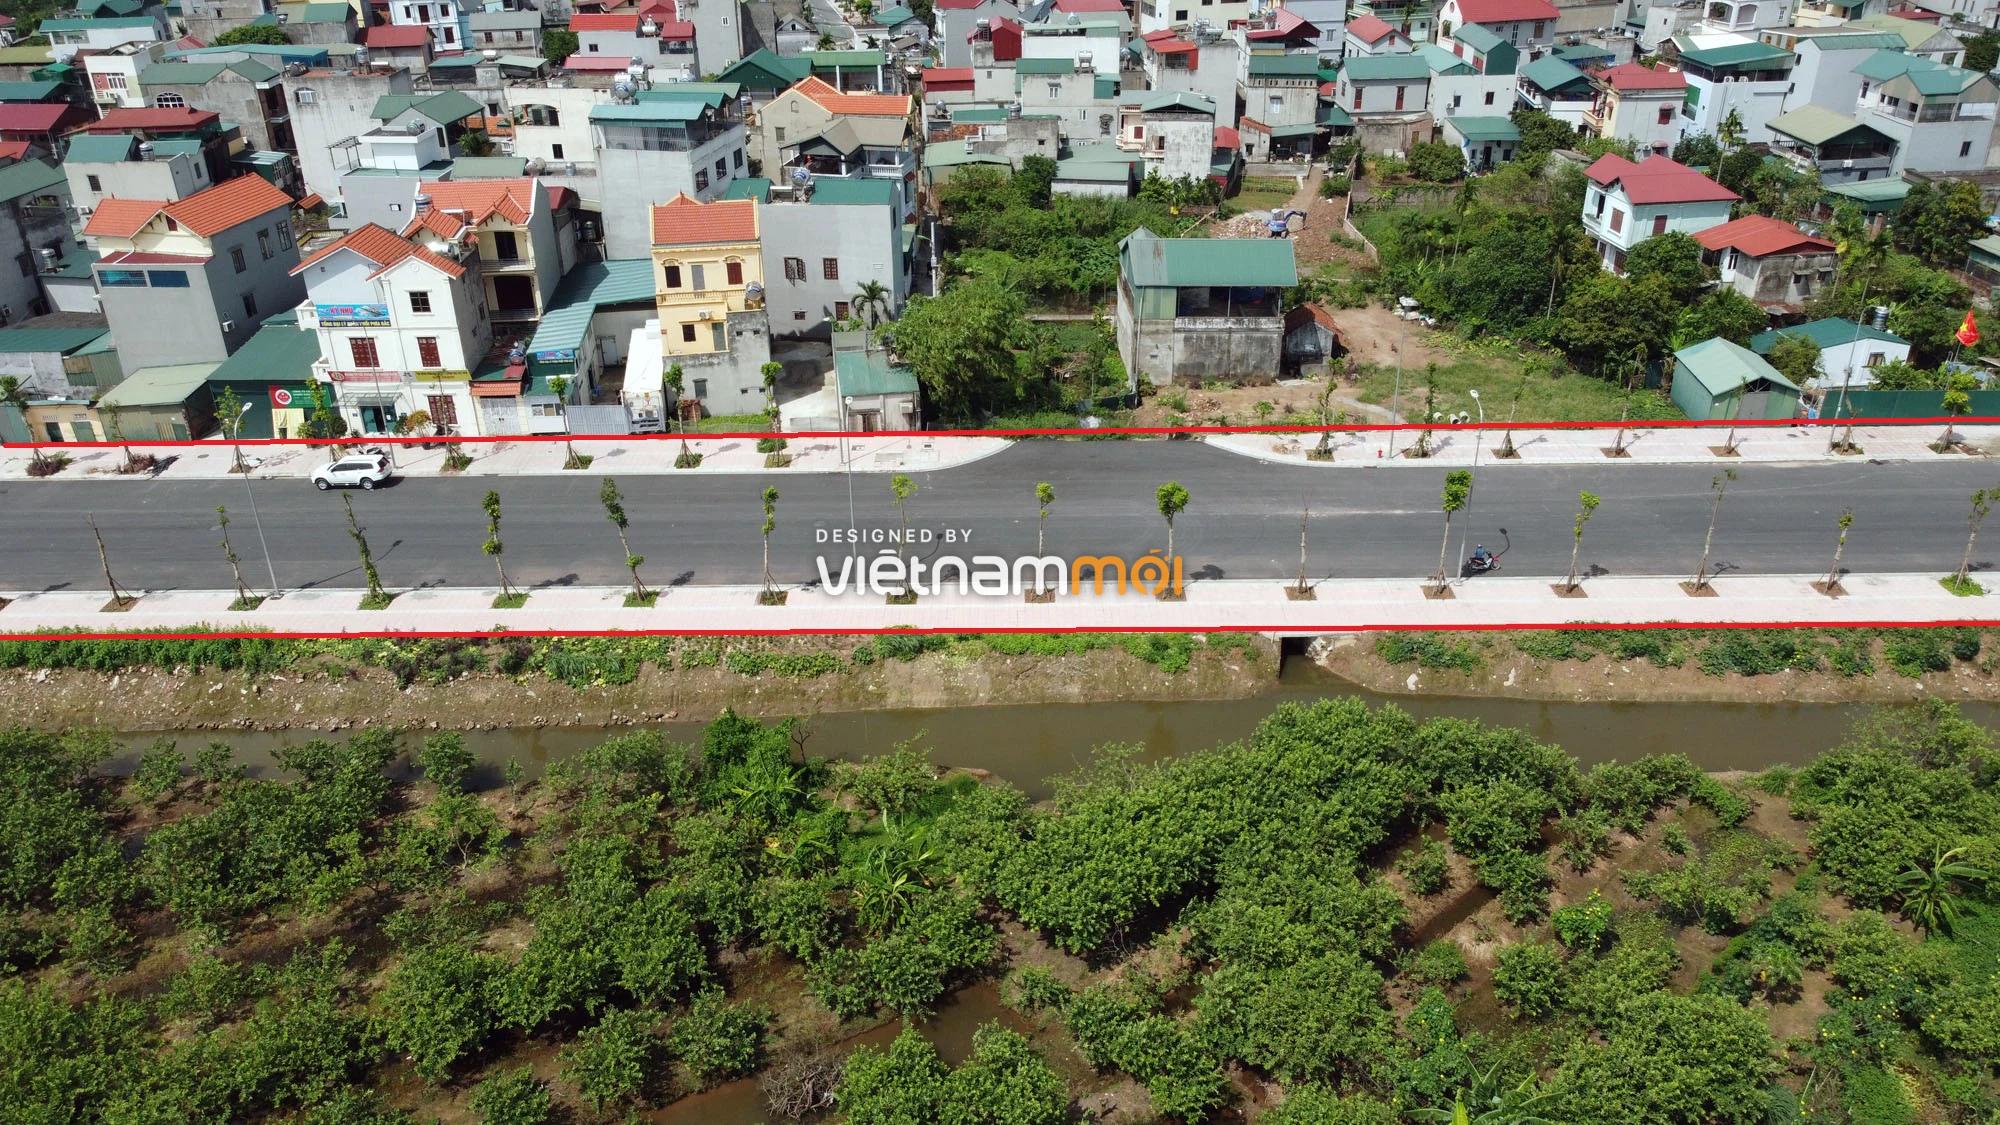 Toàn cảnh đường nối Bát Khối - QL1A đang mở theo quy hoạch ở quận Long Biên, Hà Nội - Ảnh 7.